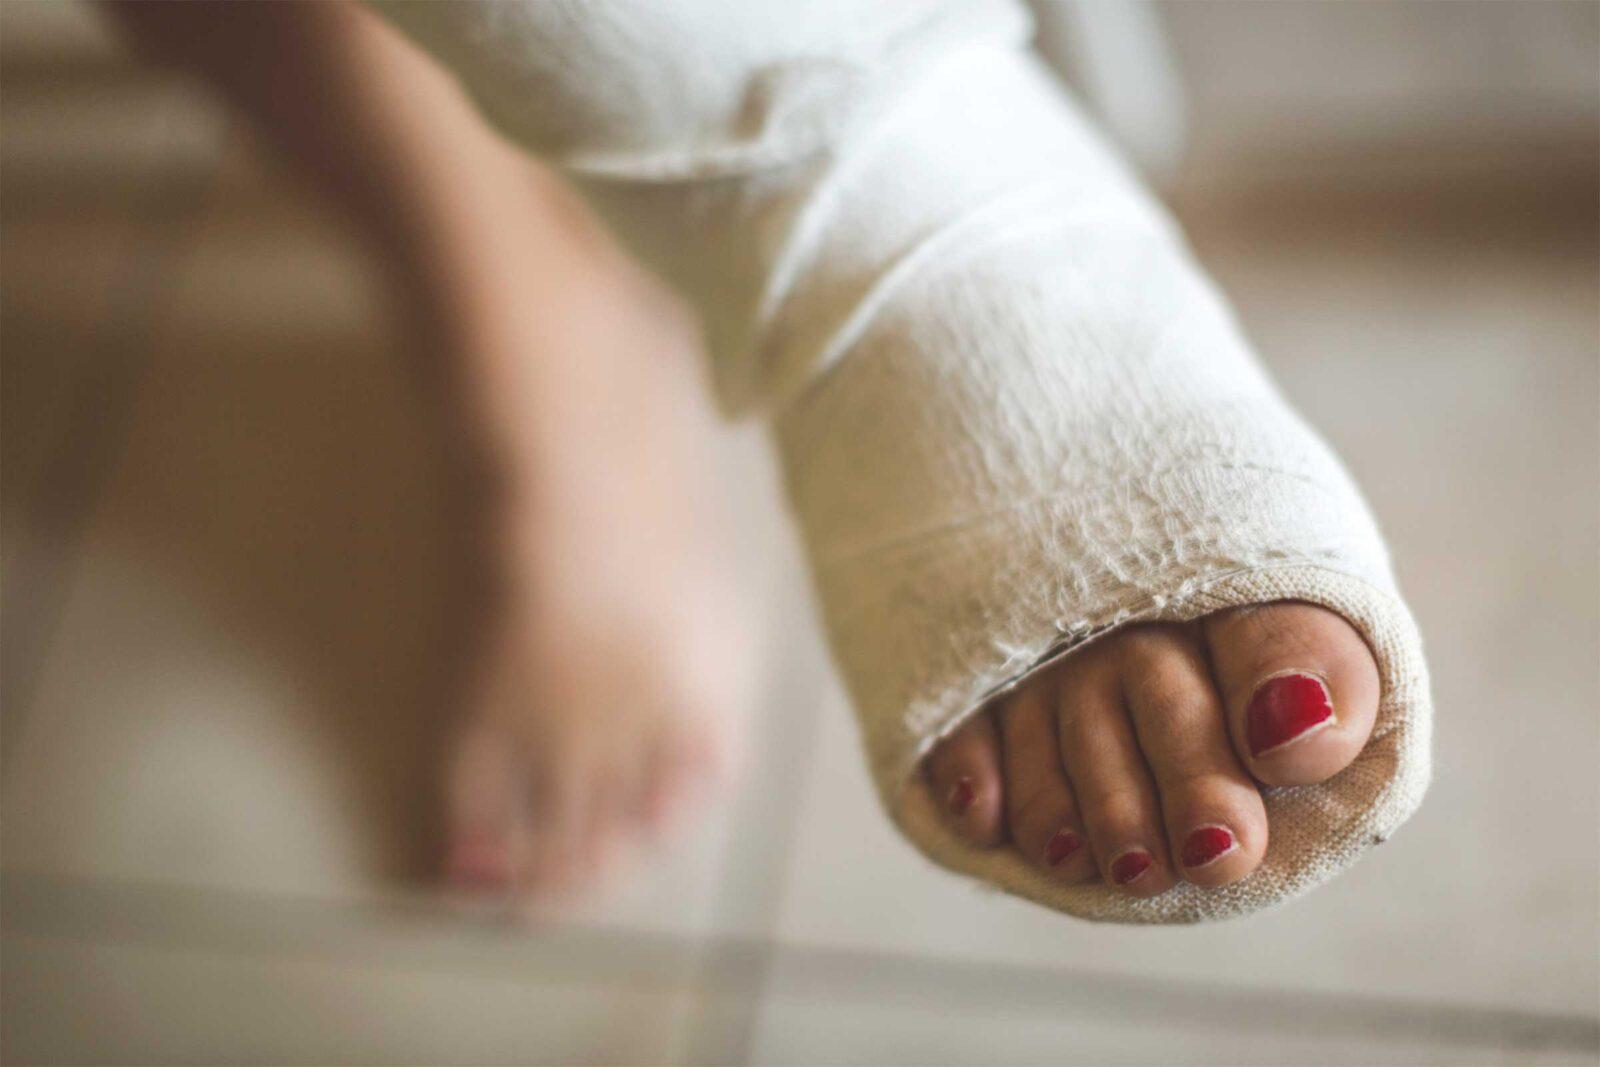 Житель Твери монтировкой сломал женщине ногу